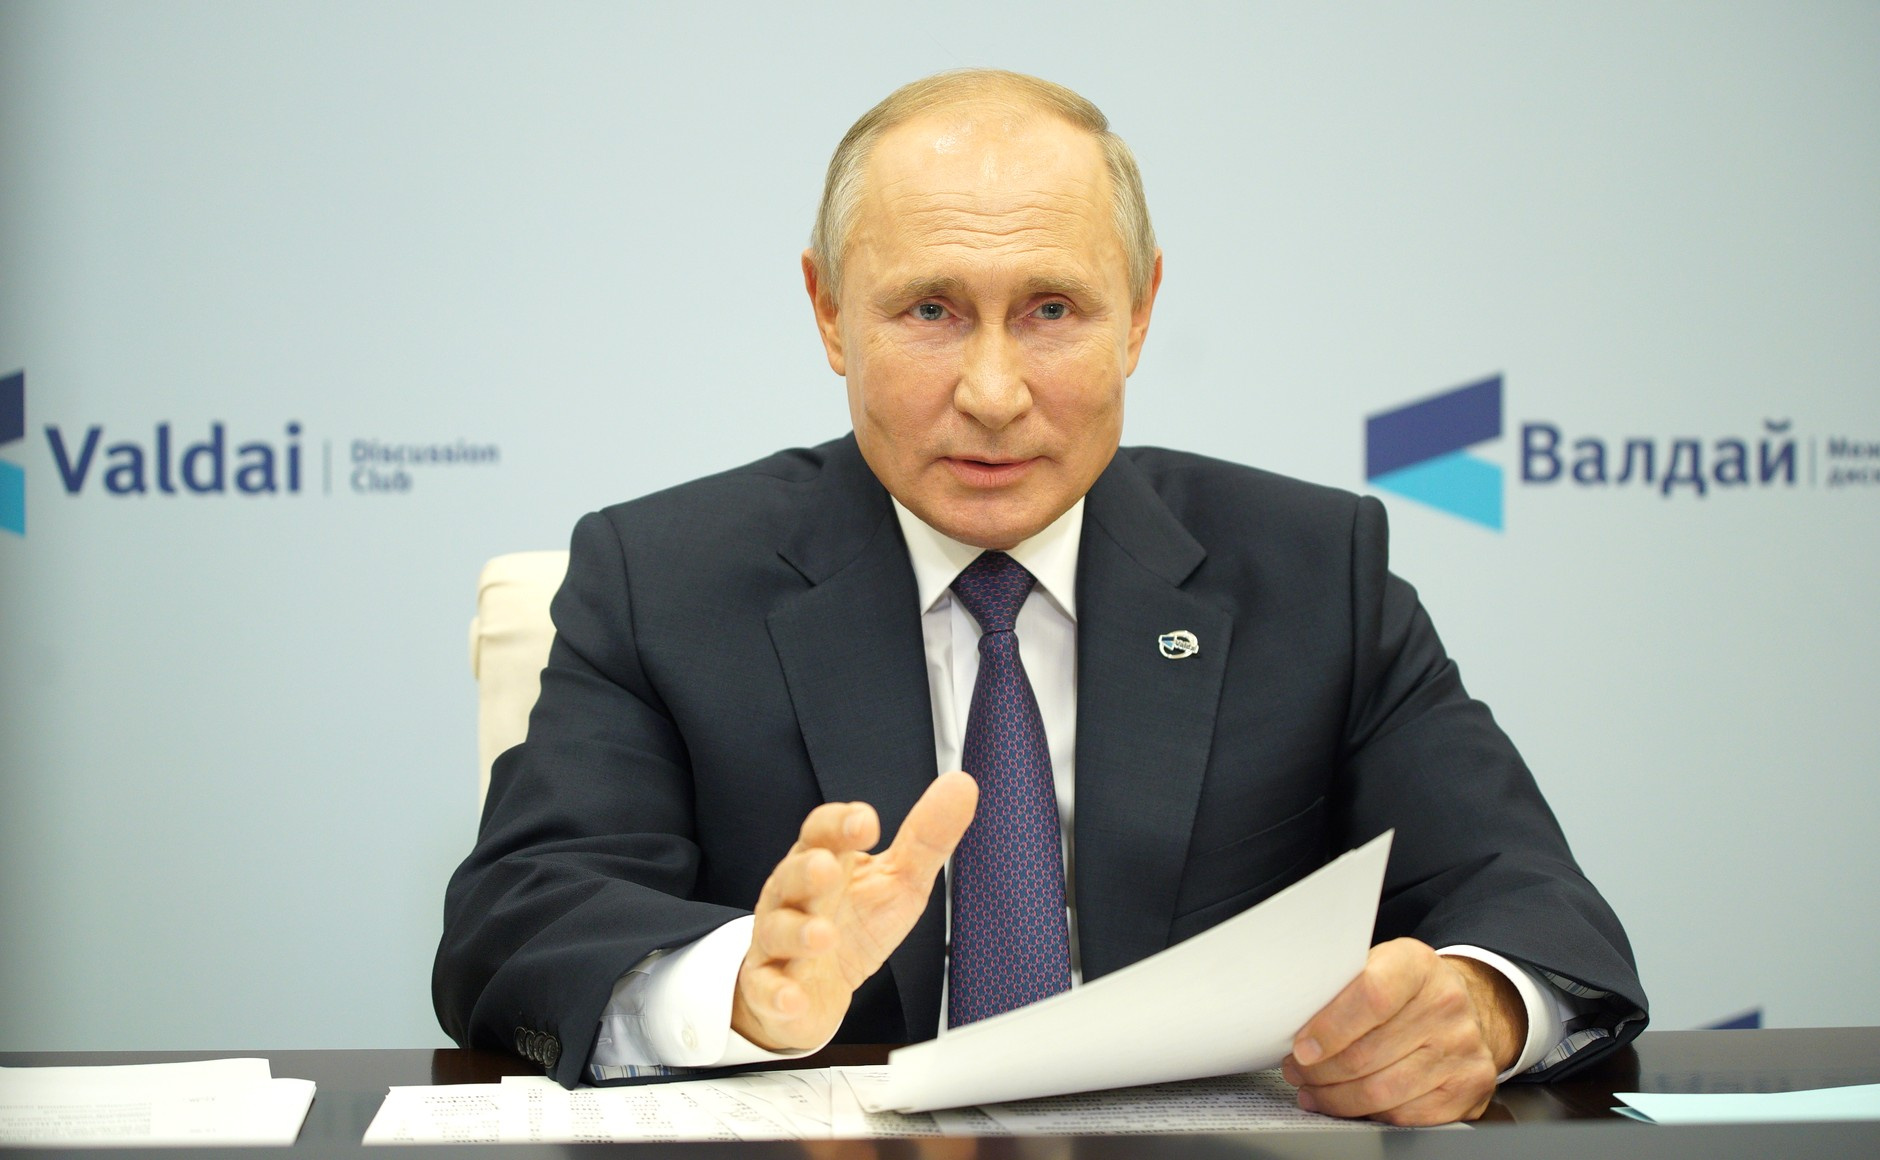 Путин — о своём статусе после 2024 года: Посмотрим, когда придёт время